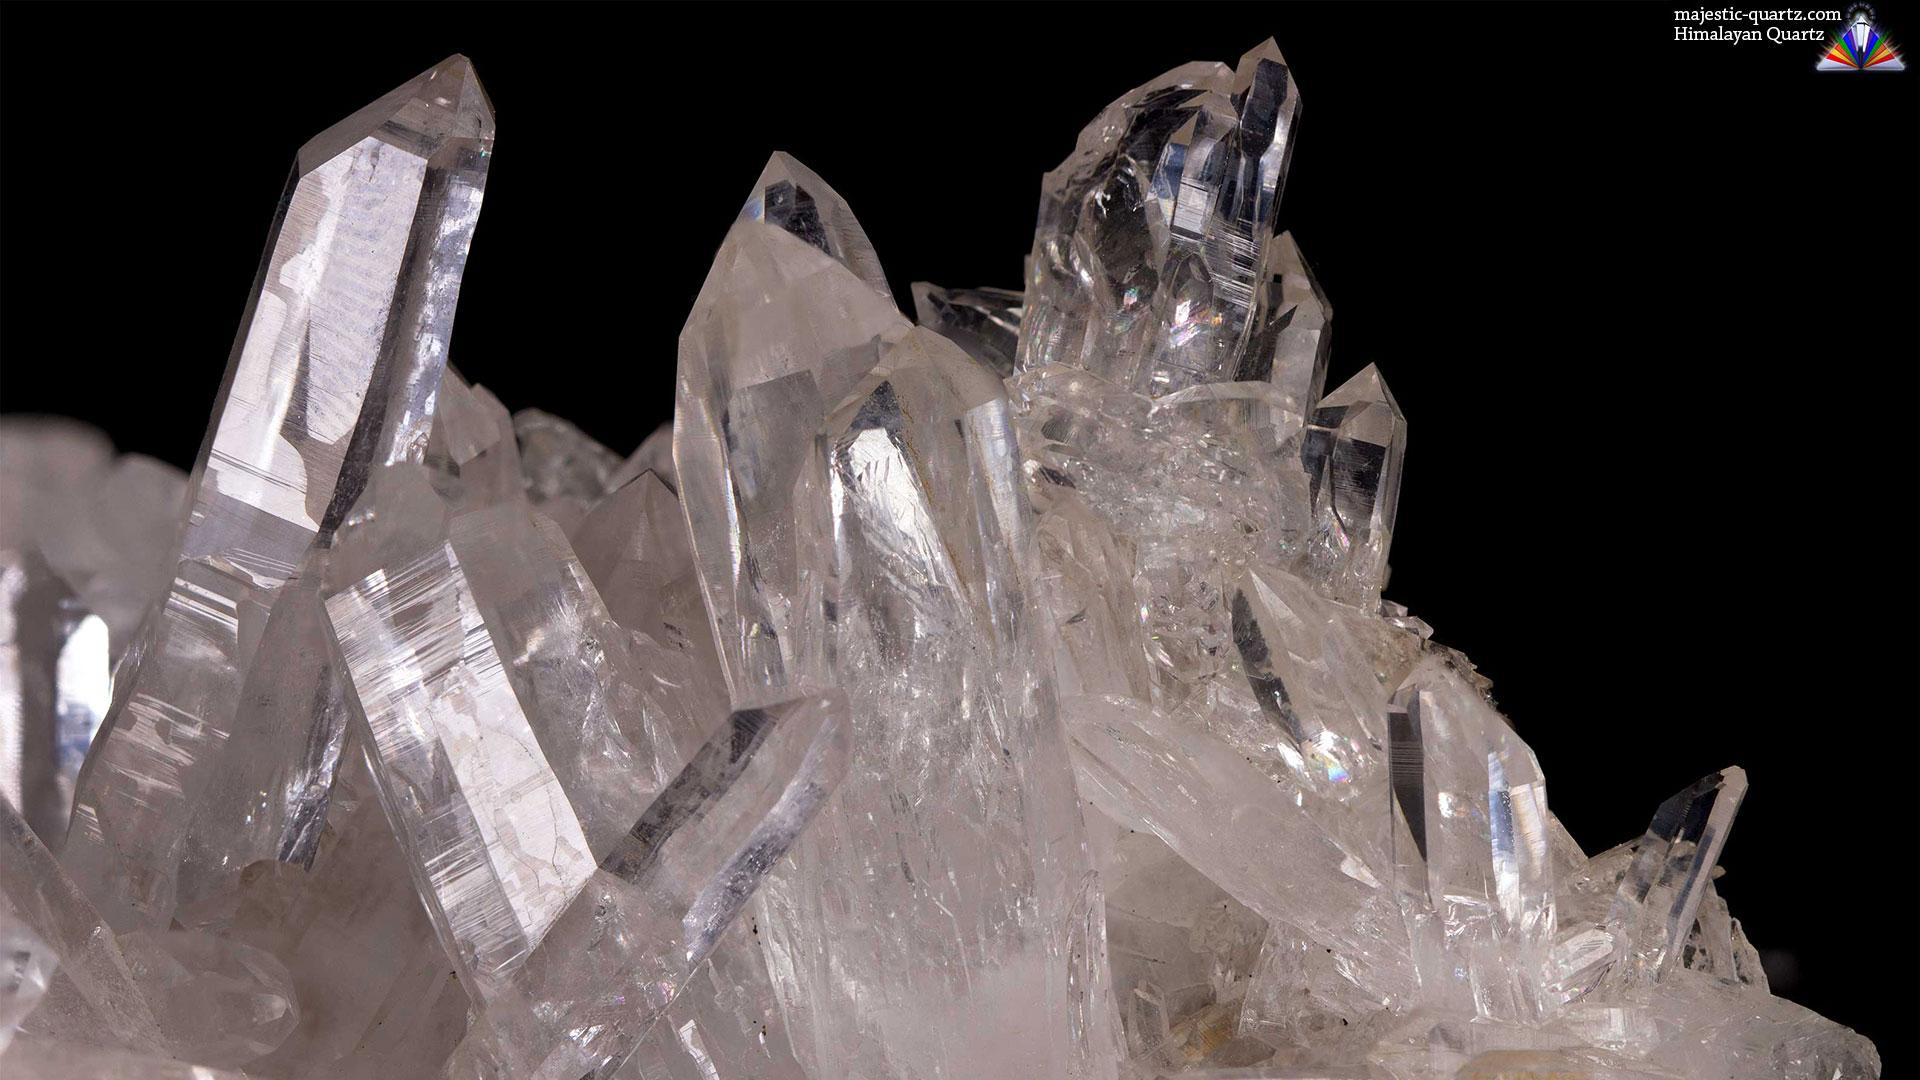 Himalayan Quartz - Crystal Information